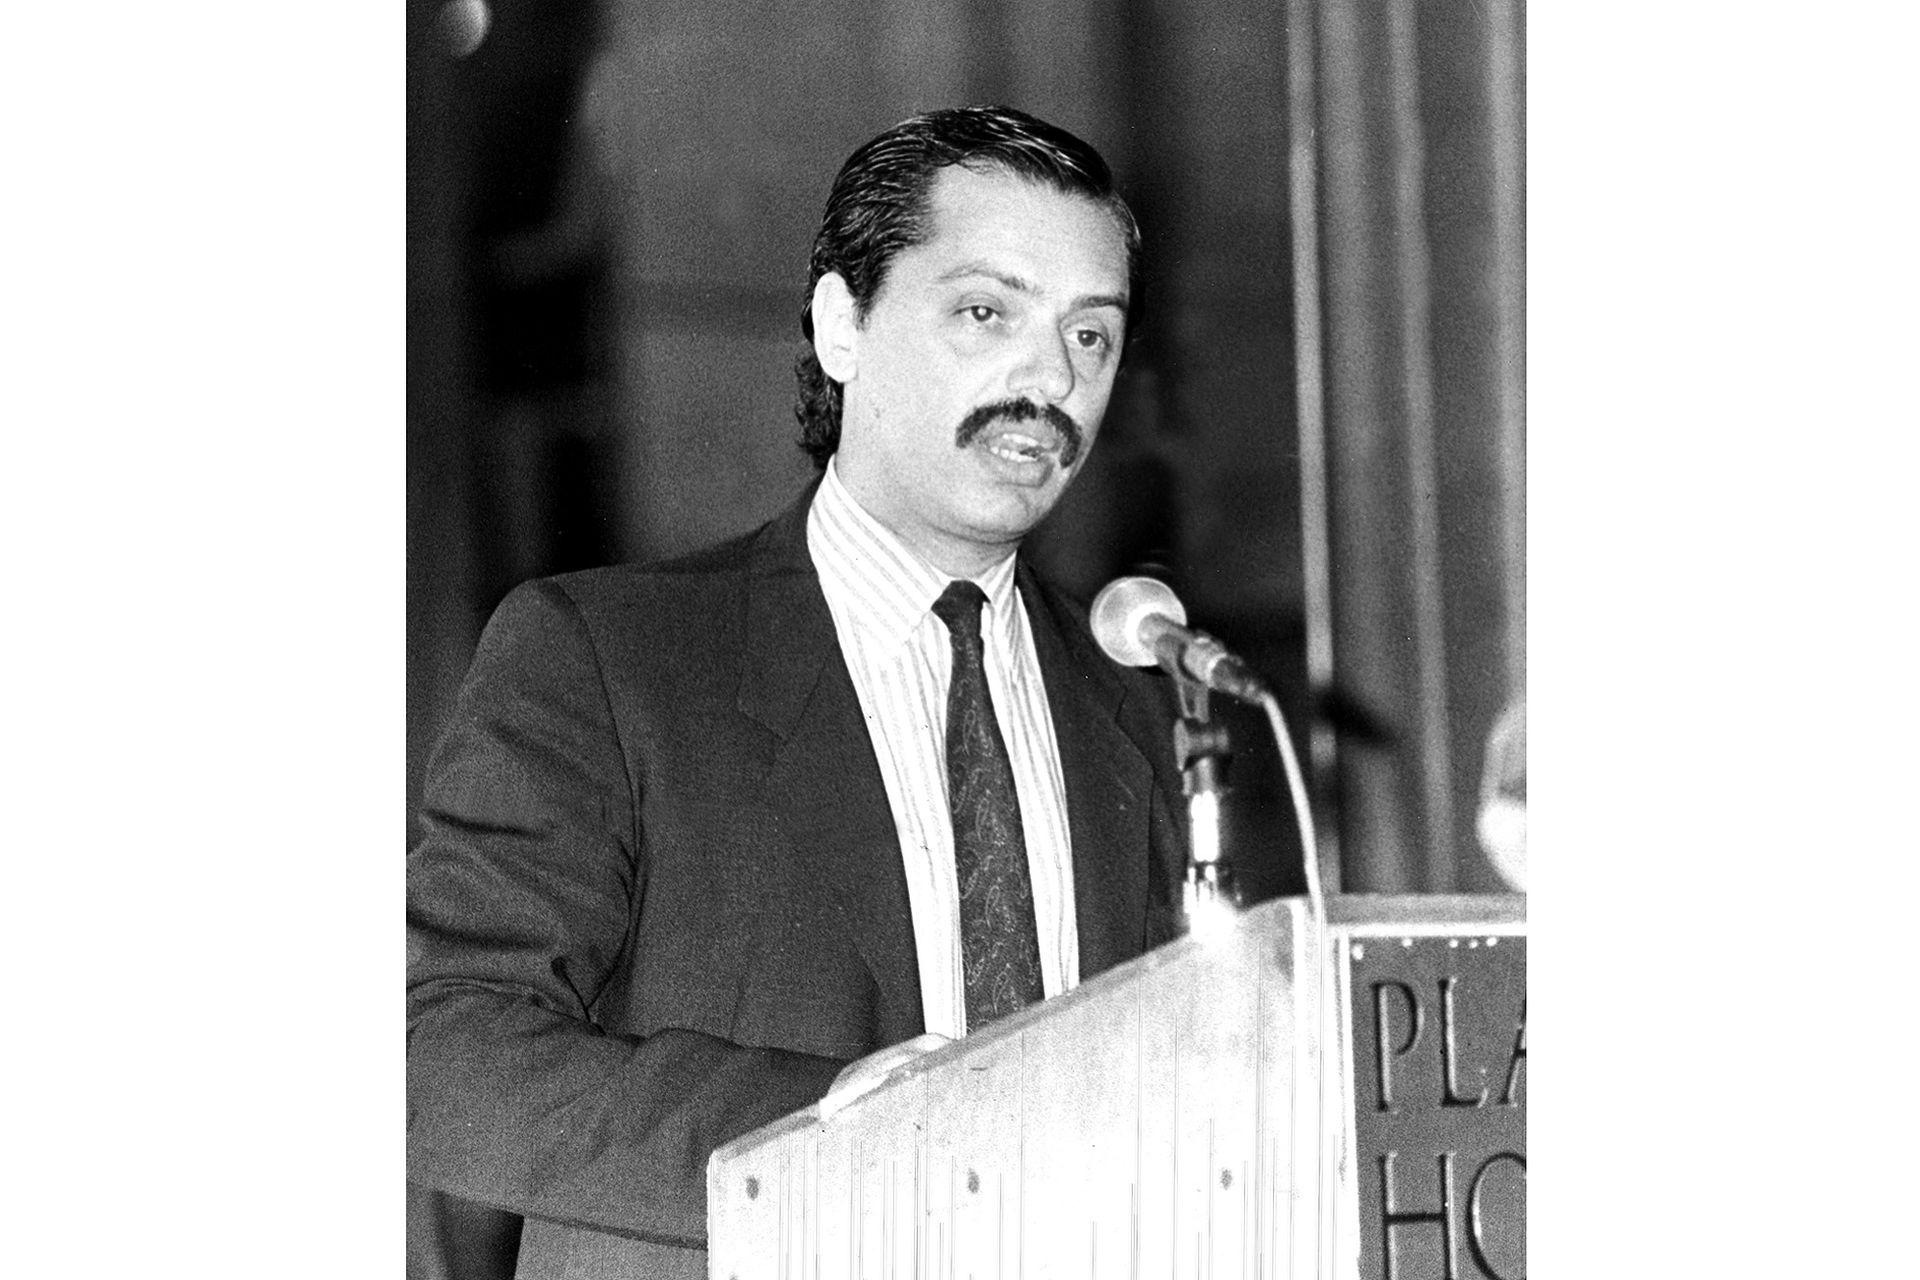 El 10 de octubre de 1990 en un acto público